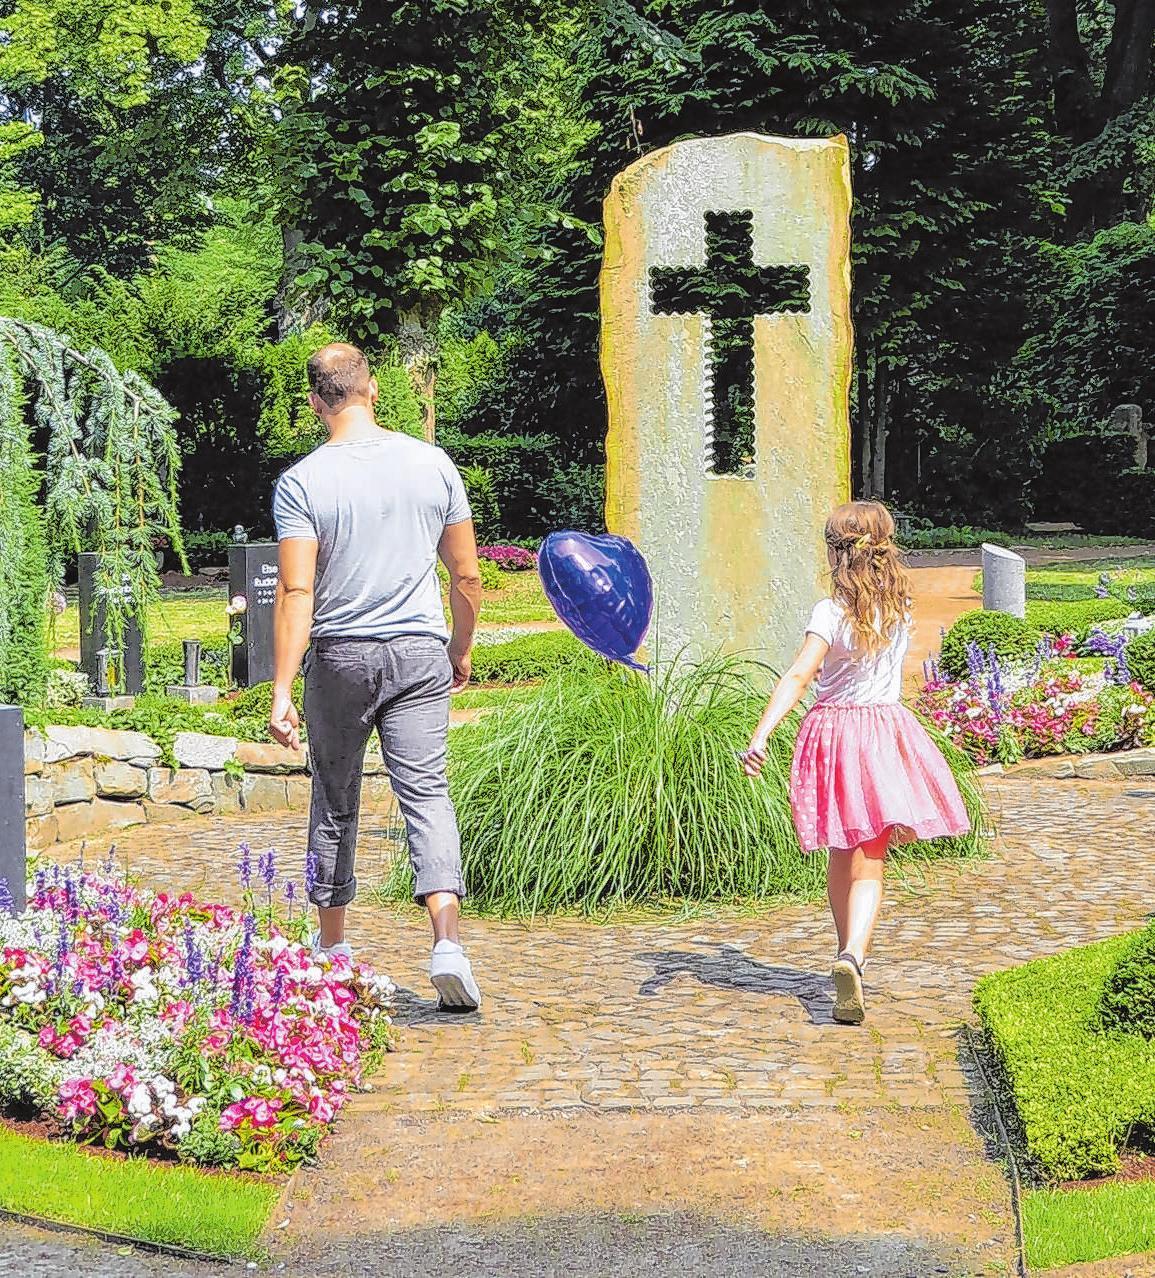 Orte der Trauer, aber auch Orte der Begegnung und Erholung: Friedhöfe verstehen sich zunehmend als grüner Kulturraum ihrer Gemeinde.